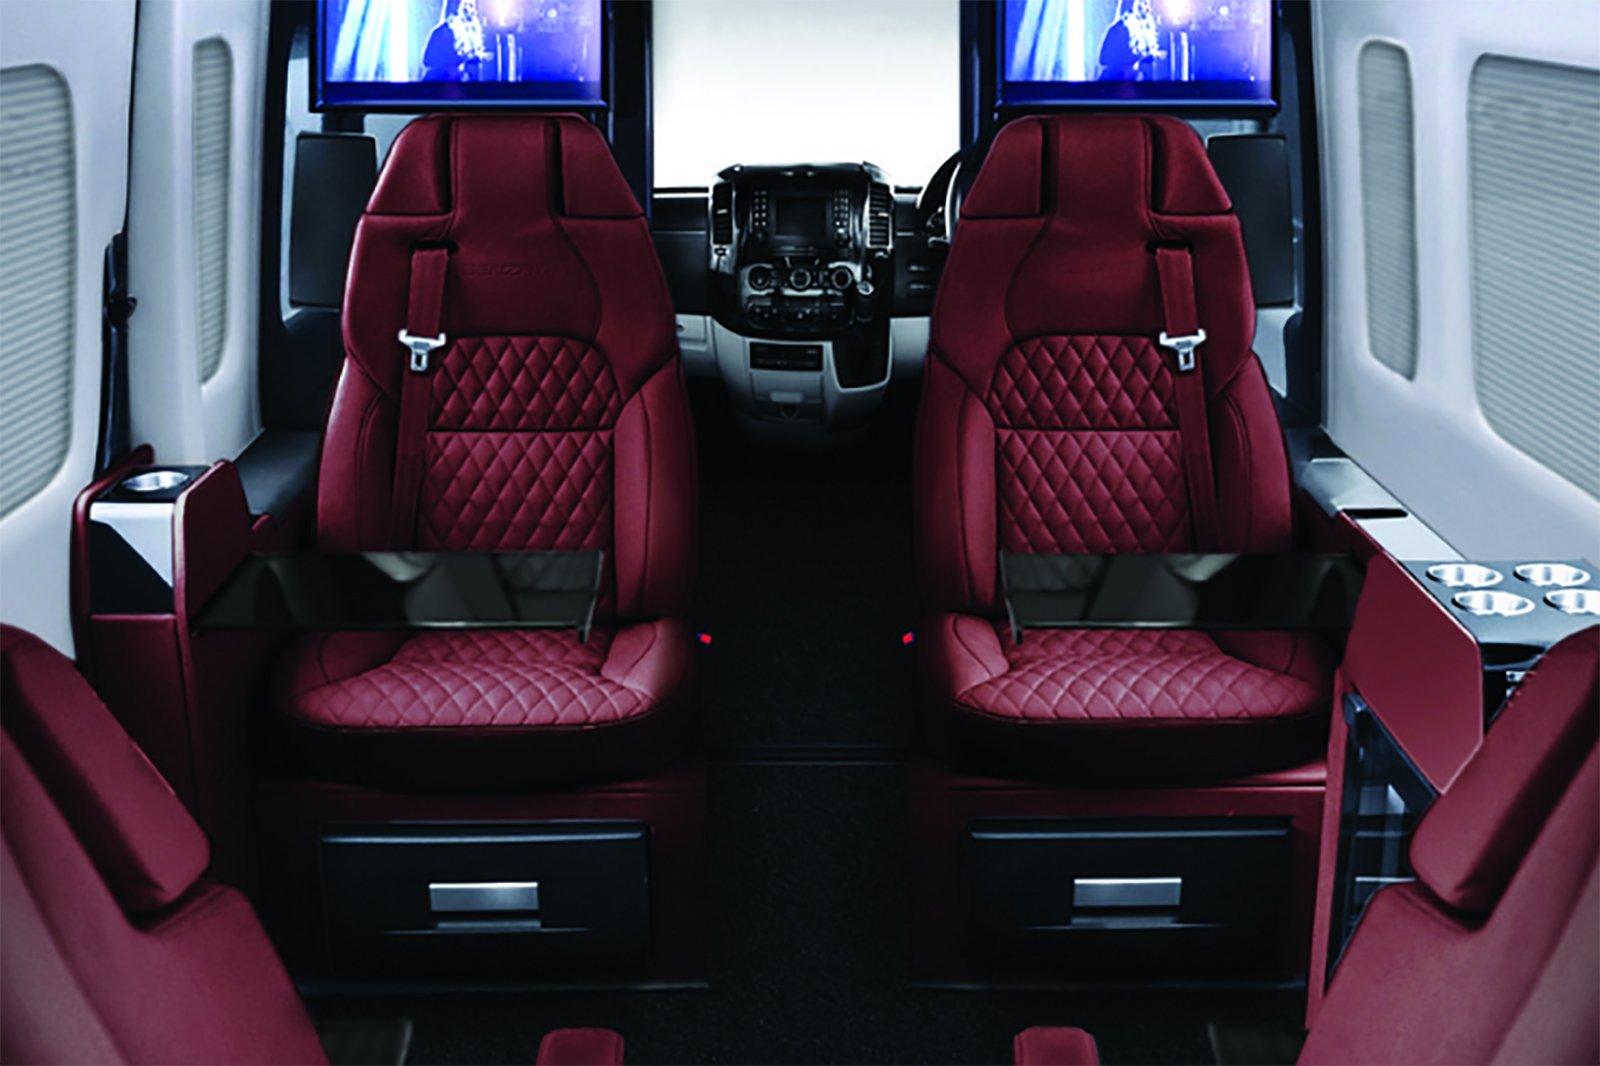 Senzati Jet Sprinter går att få i flera olika interiörfärger. Här ser du den i rött.